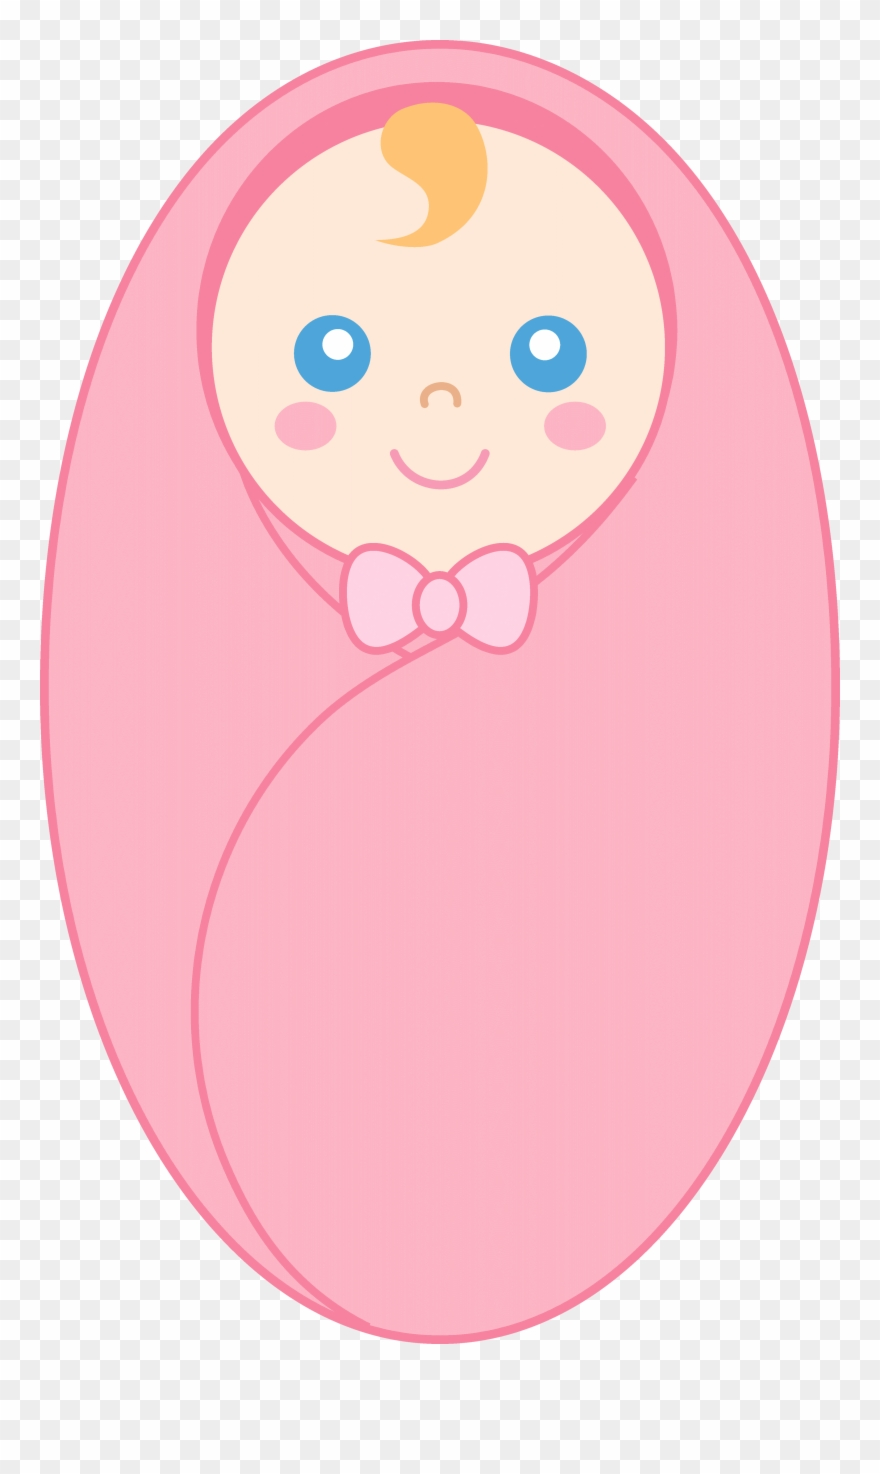 Newborn Baby Clipart Image.